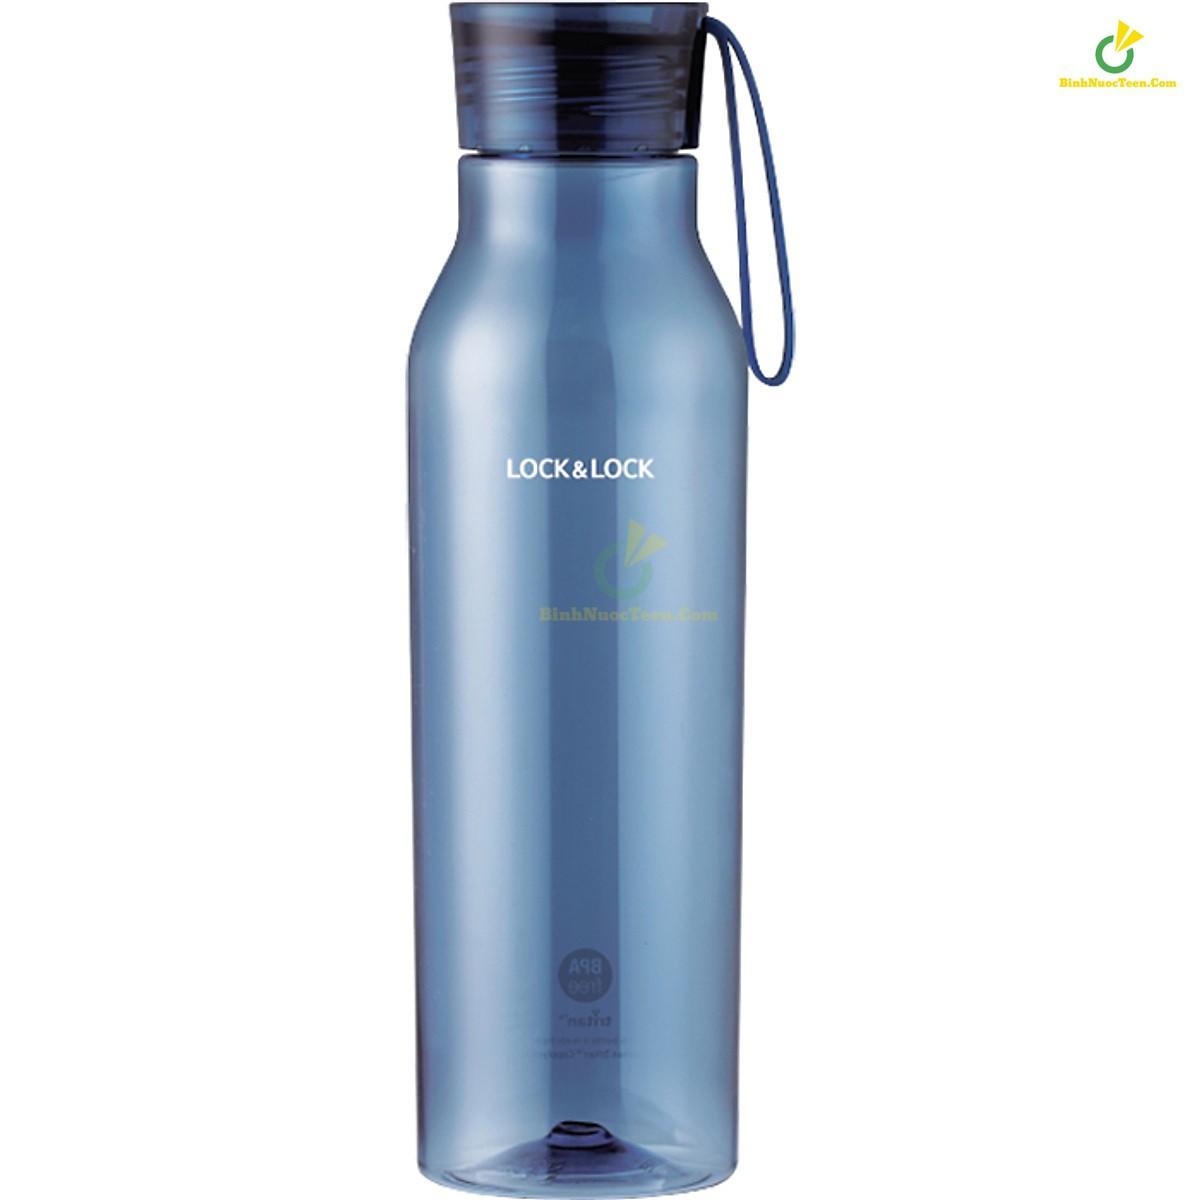 bình nước nhựa tritan lock&lock ABF664 750ml màu xanh